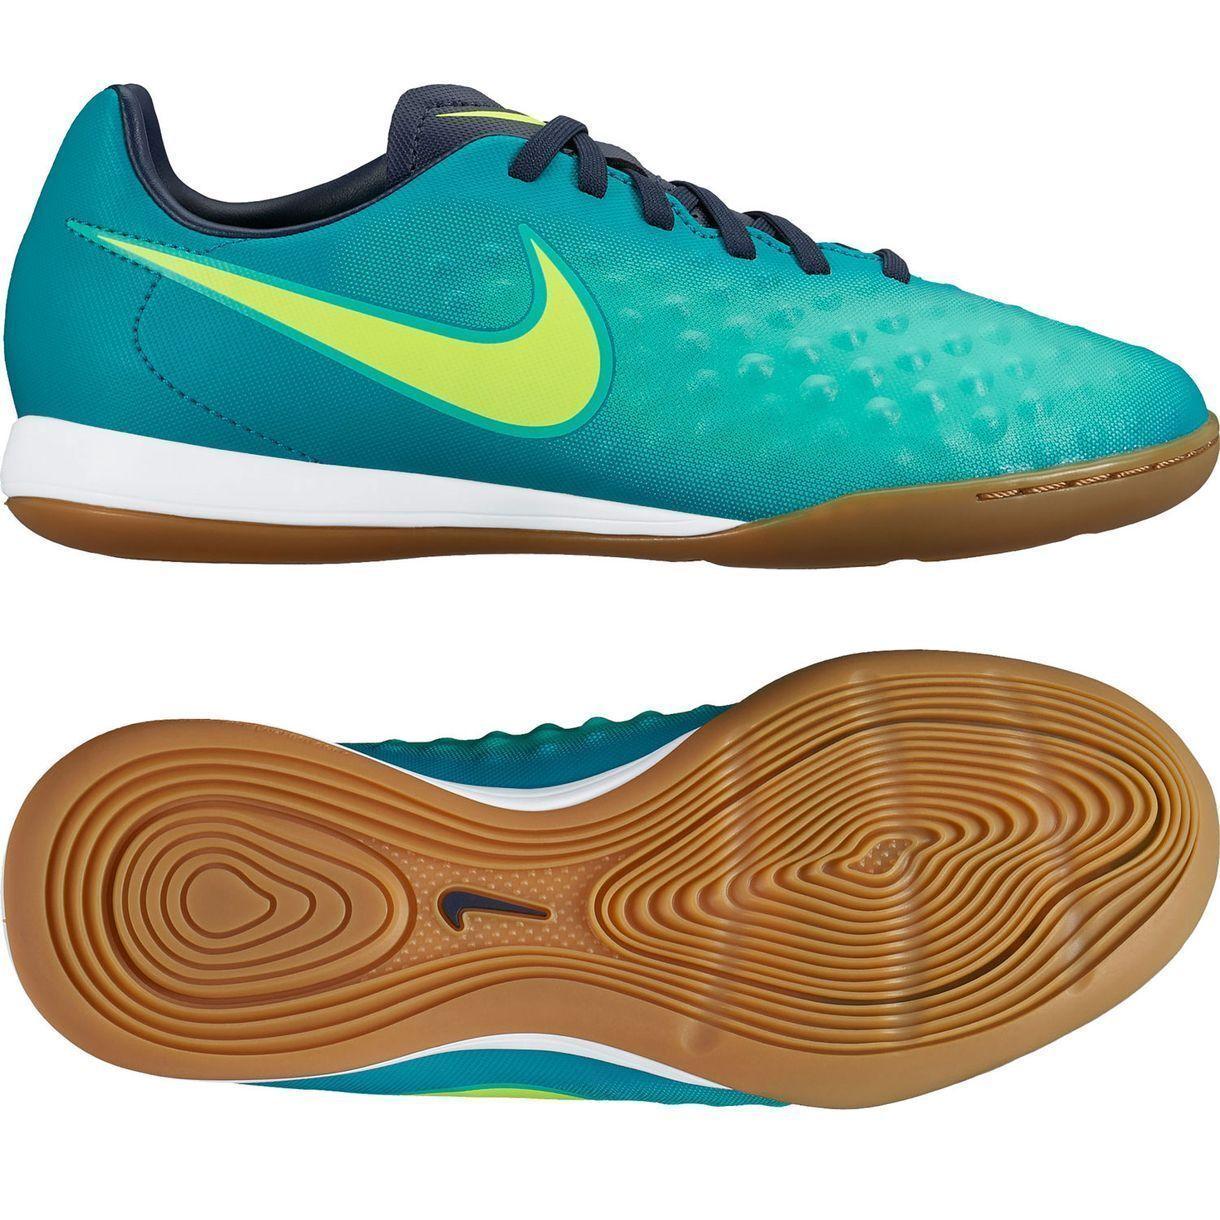 Nike Magista 844413-375 Onda II IC Indoor Court Soccer Flat Men Shoes Comfortable